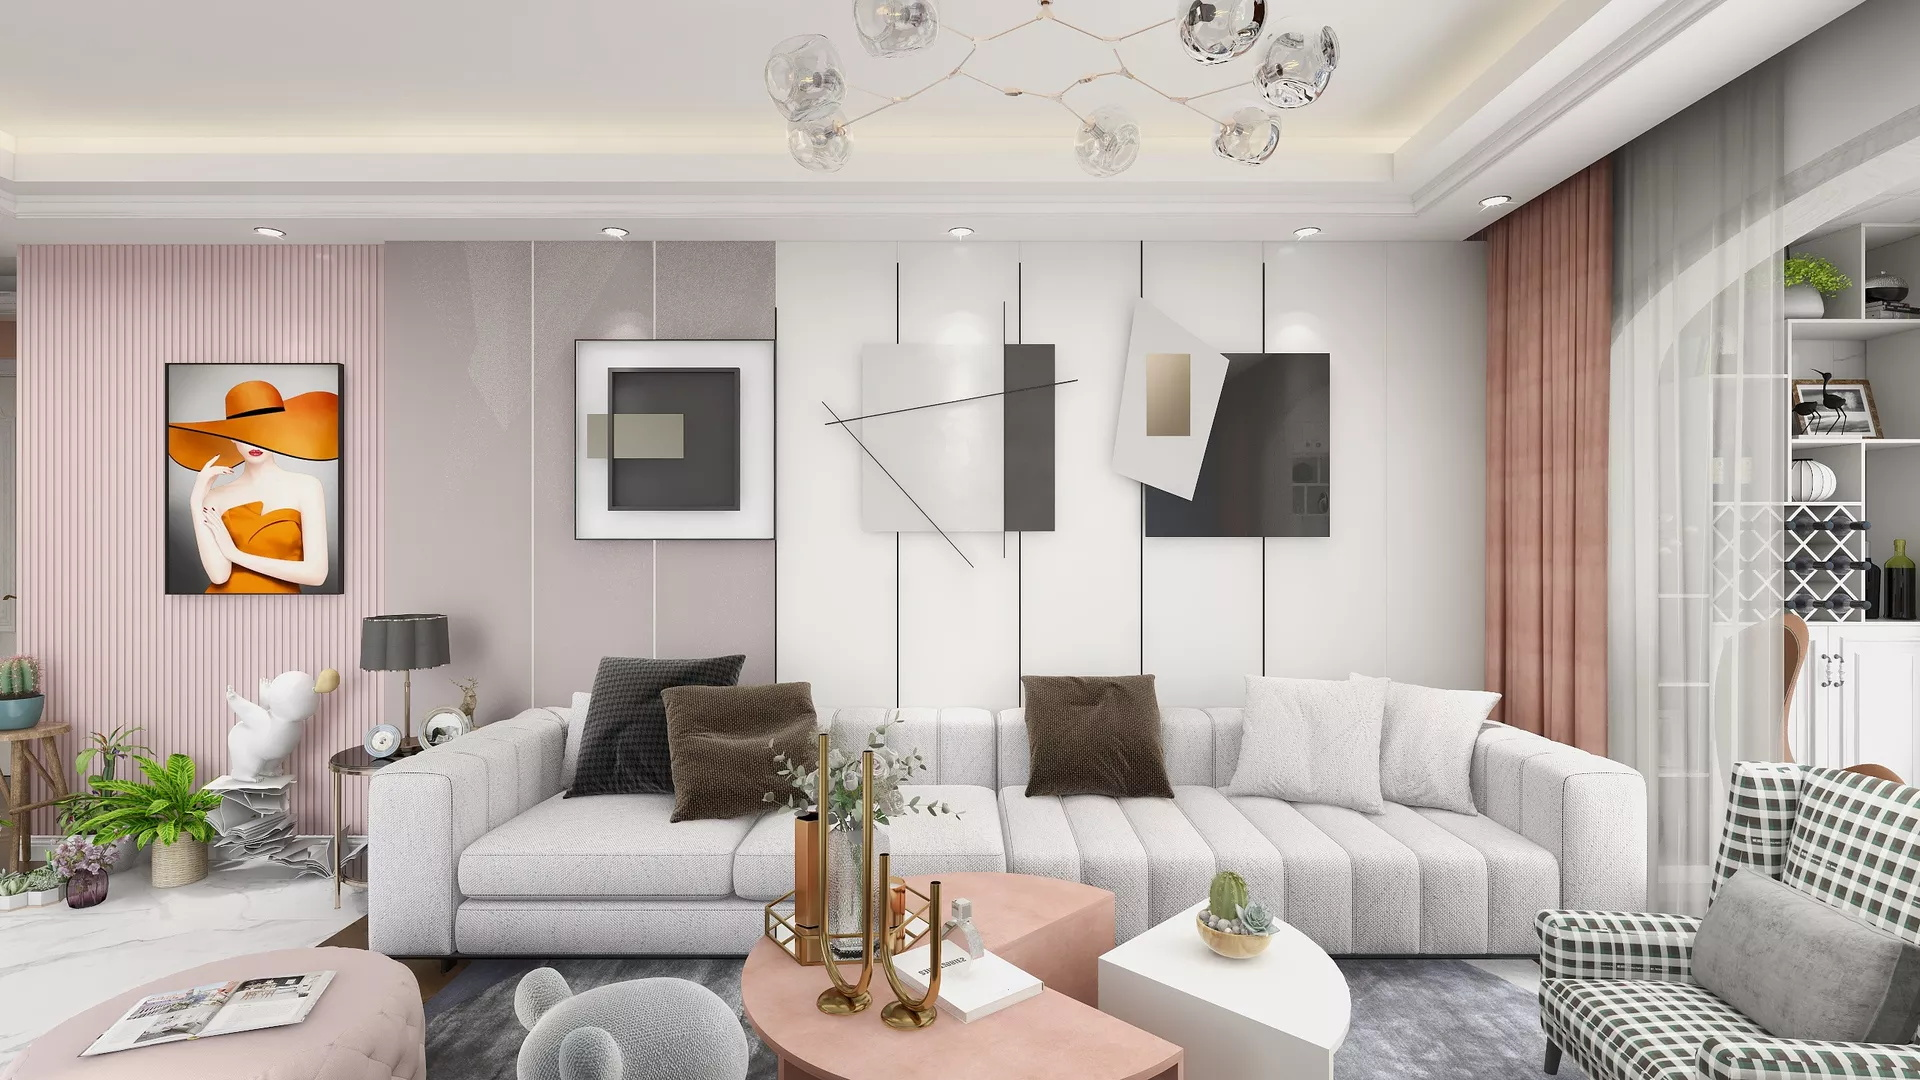 美式风格豪华别墅卧室背景墙装修效果图